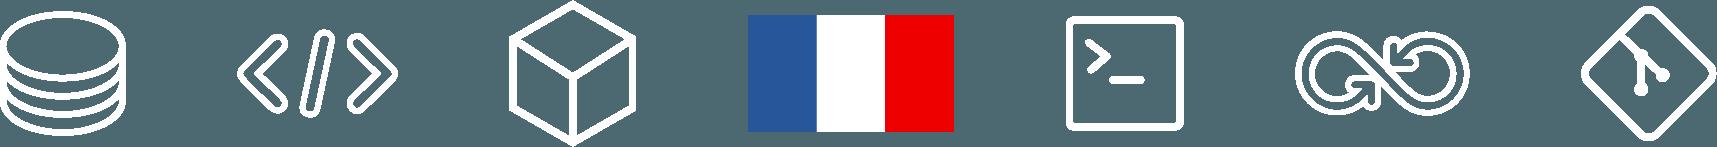 RHD France